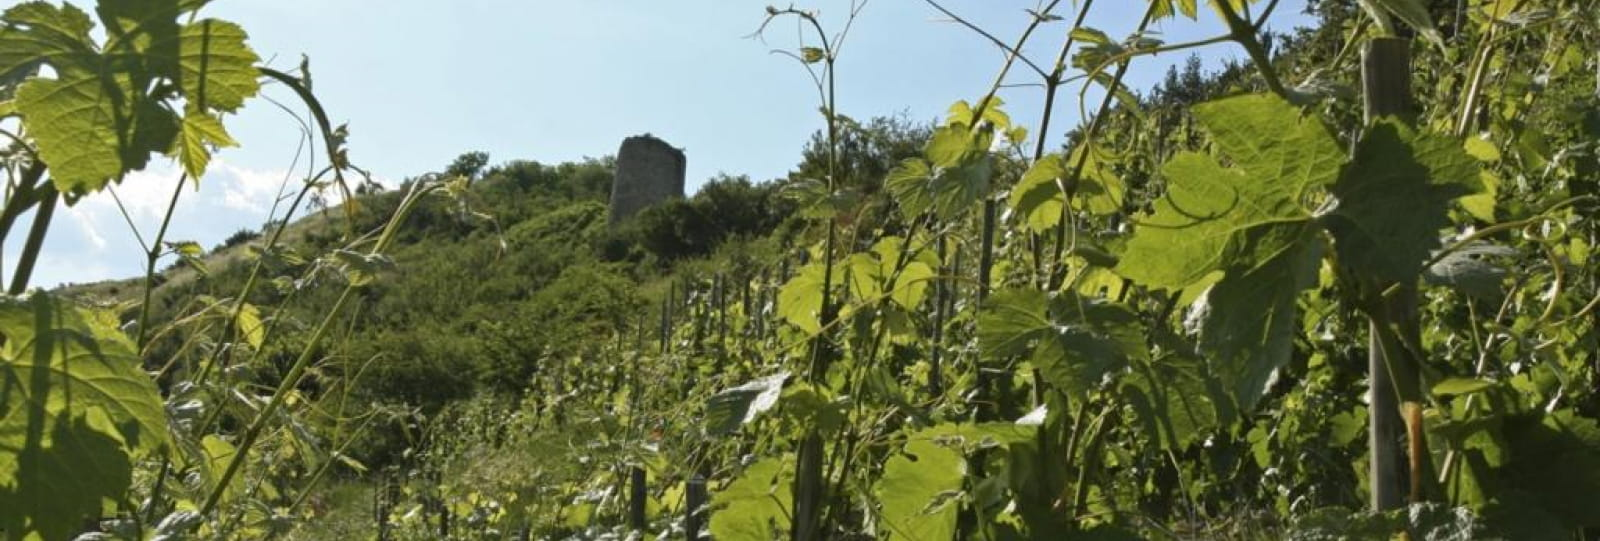 Vignoble du coteau de Brézème